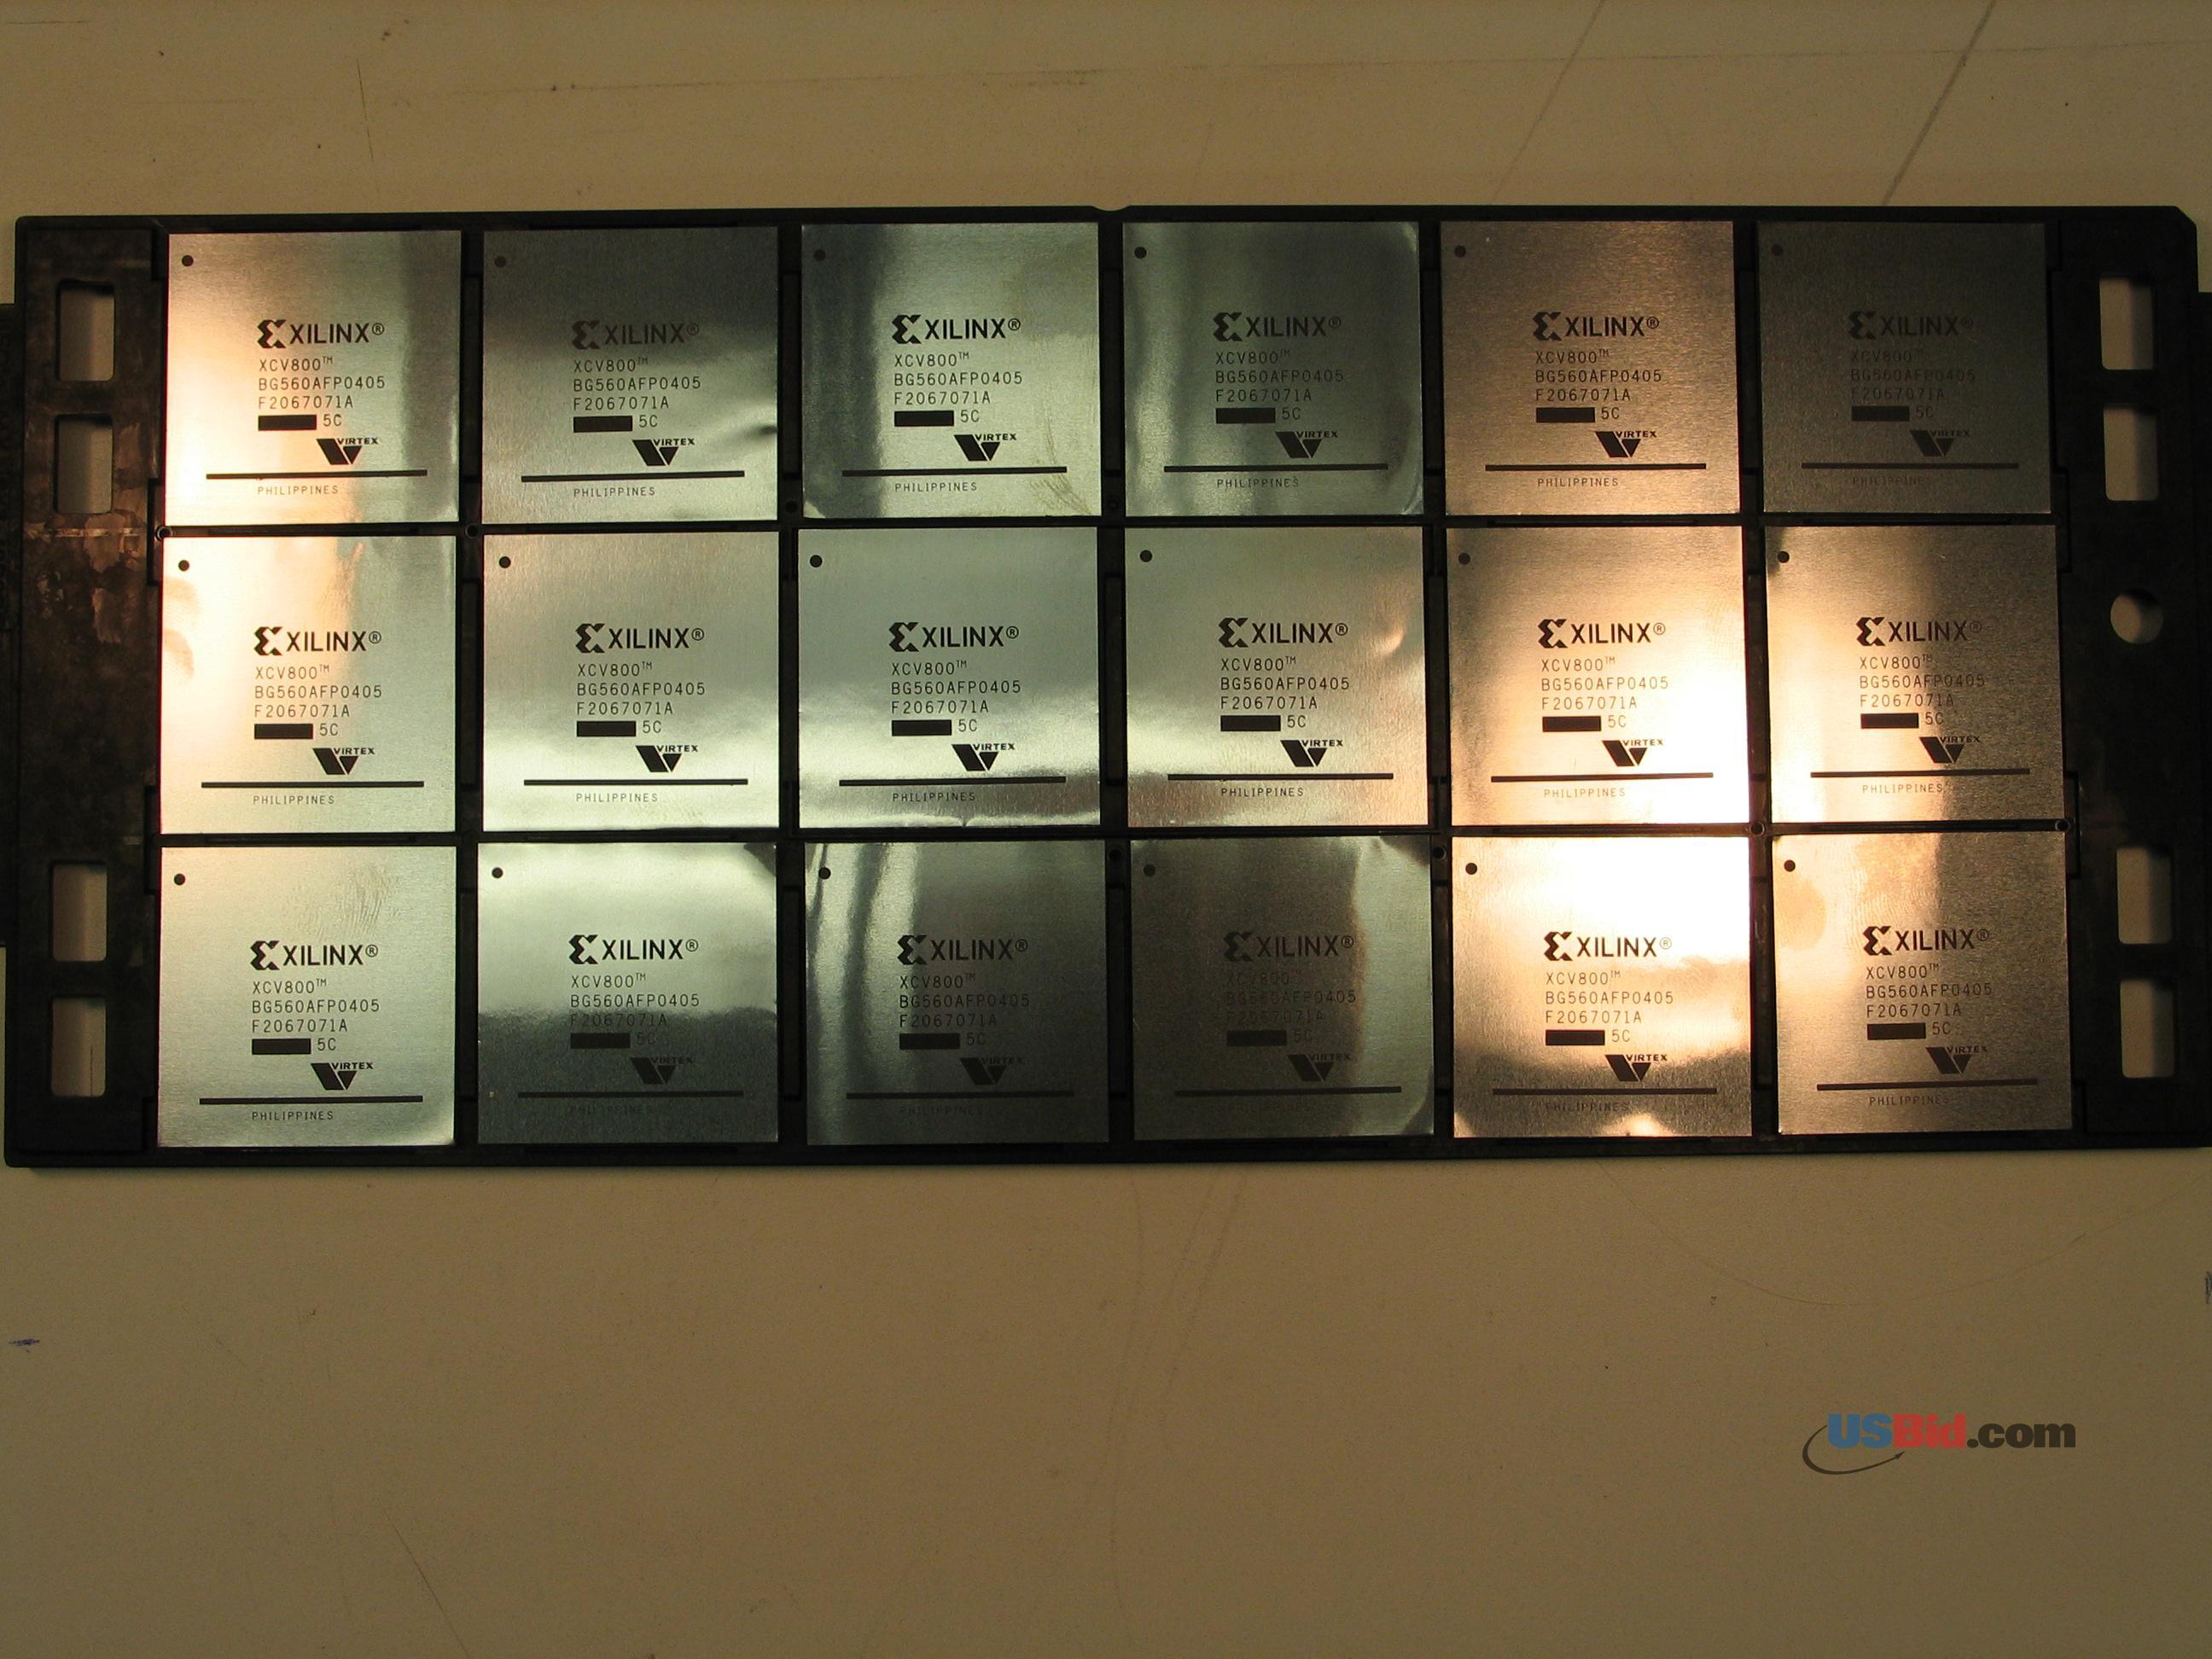 XCV800-5BG560C photos